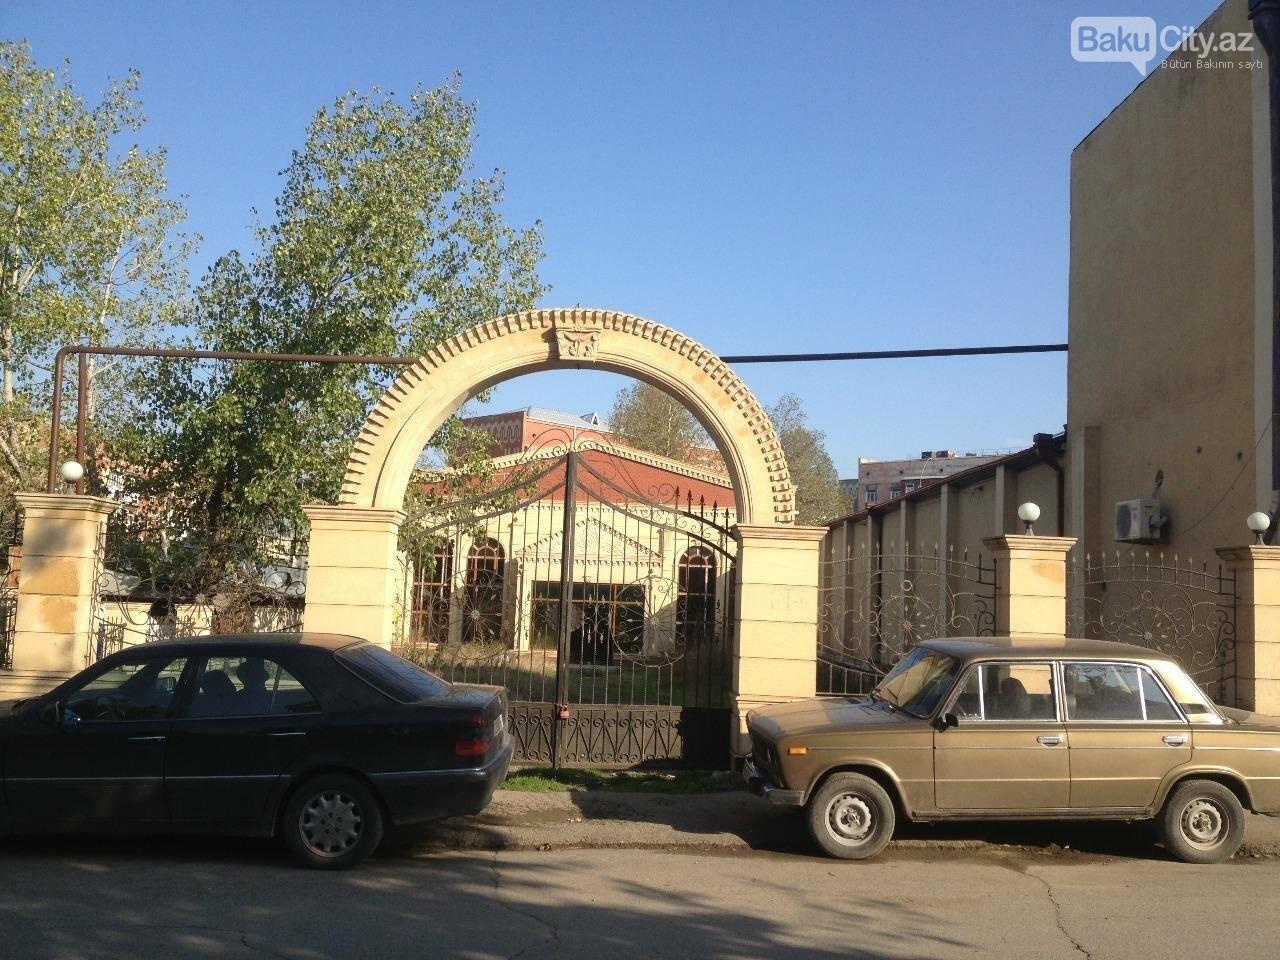 Bakıda dövlət obyektləri satışa çıxarılır - FOTO , fotoşəkil-2